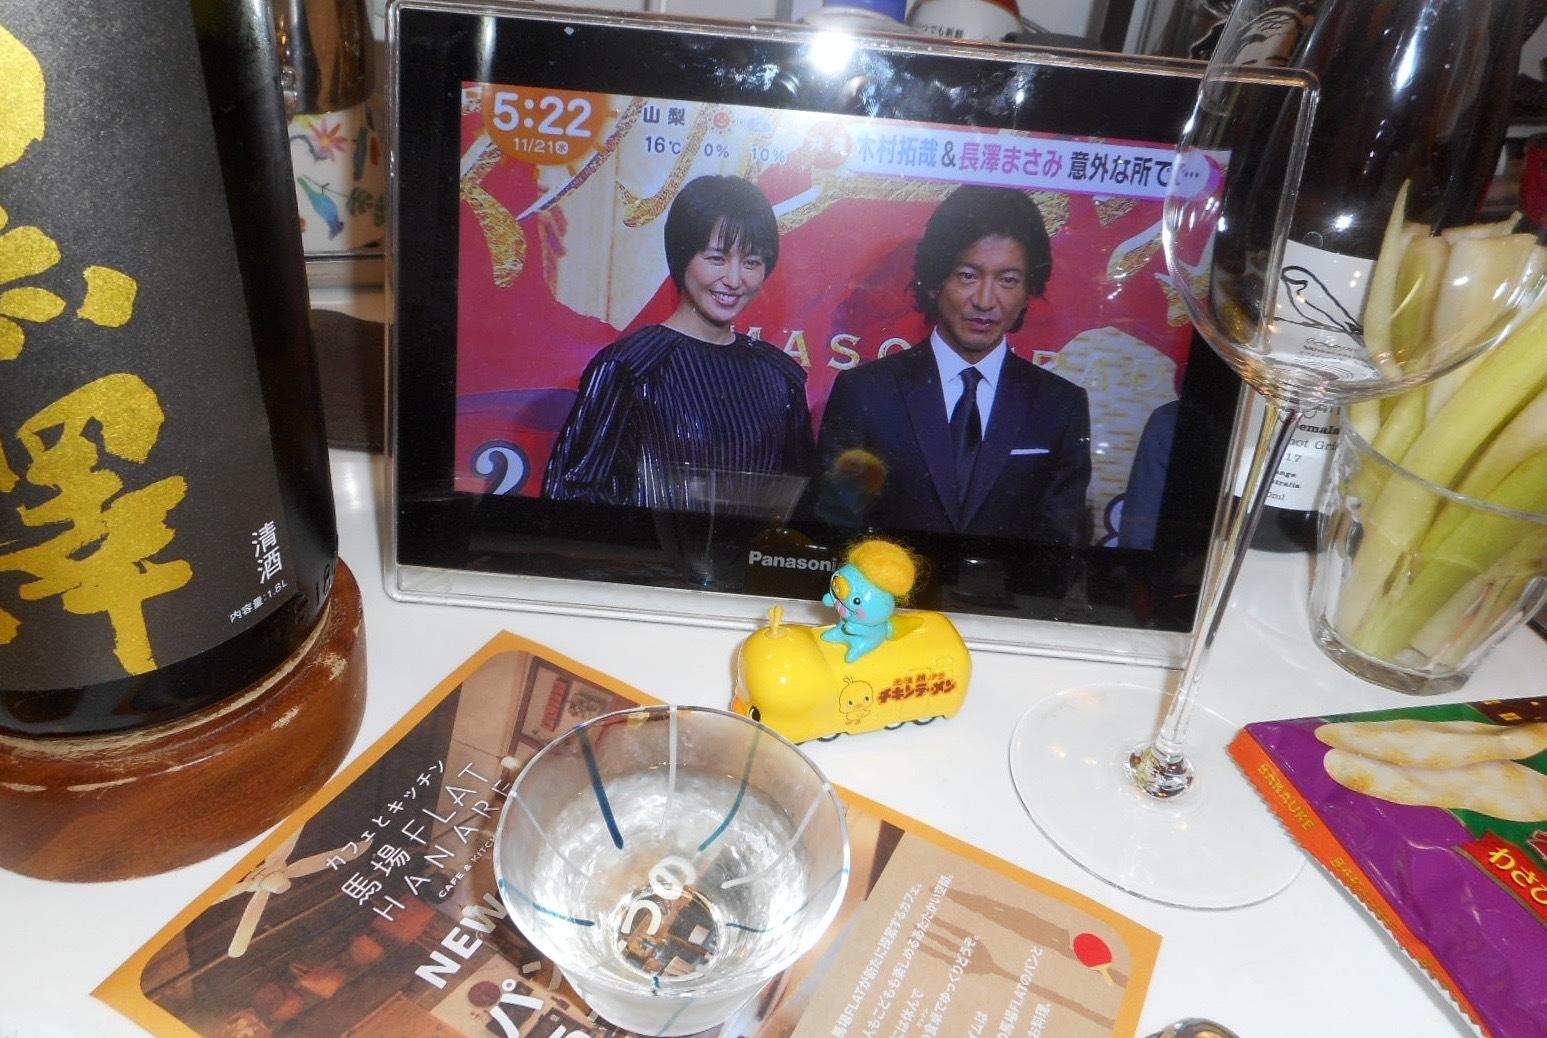 kurosawa_kinmon28by4_6.jpg